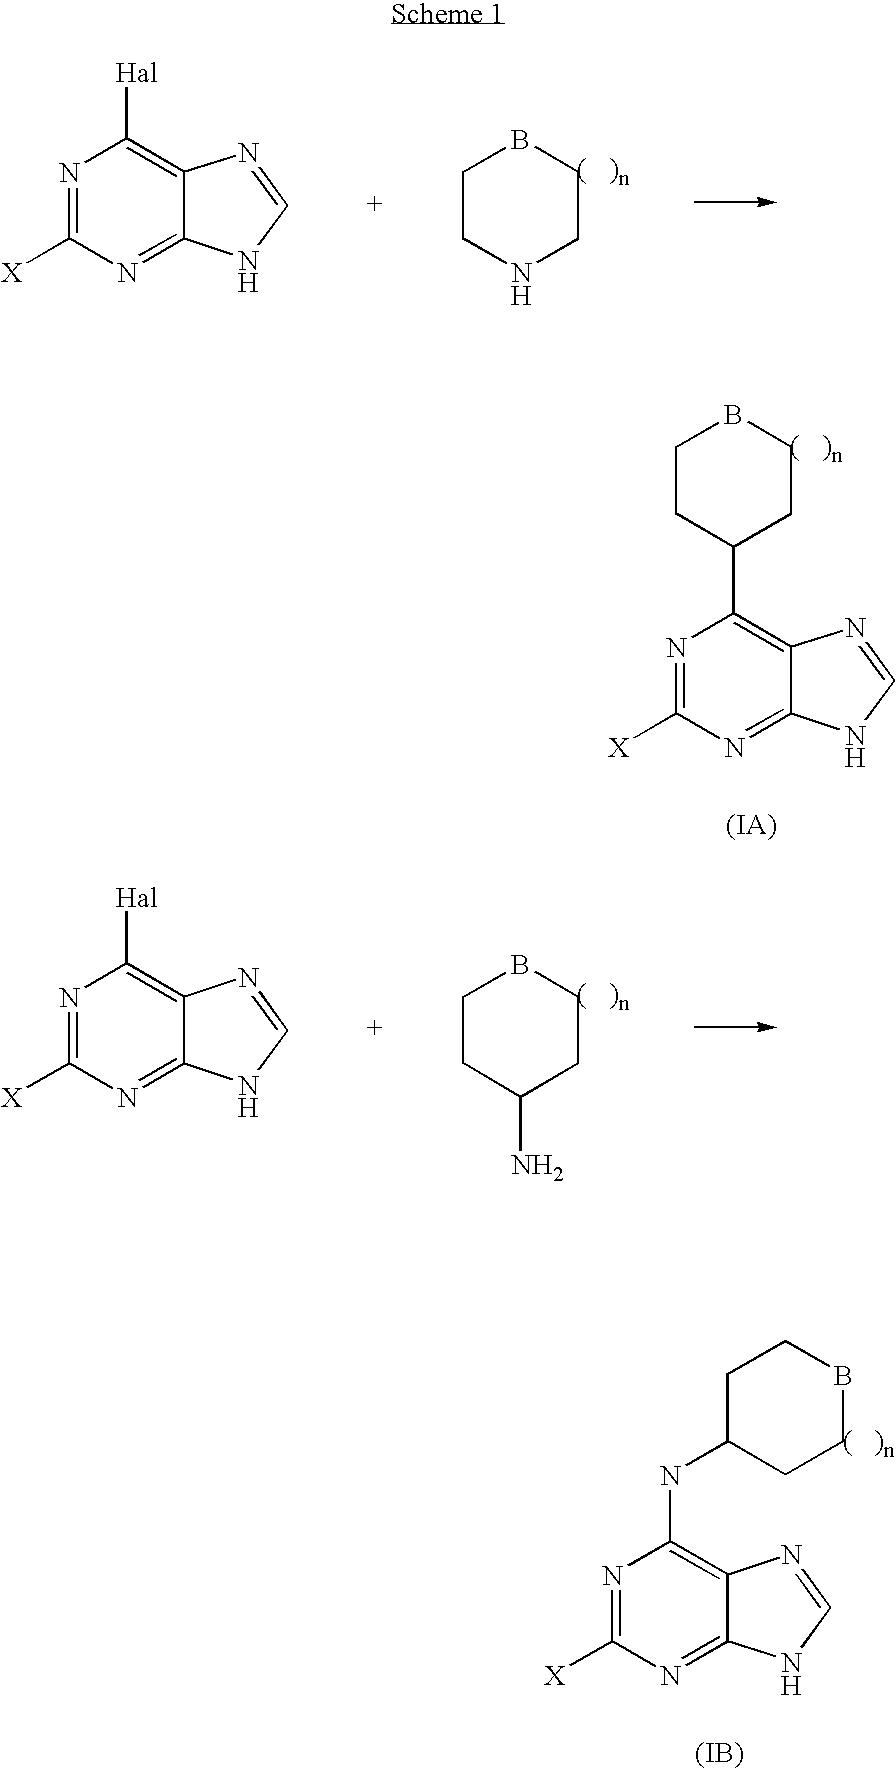 Figure US20080108612A1-20080508-C00004